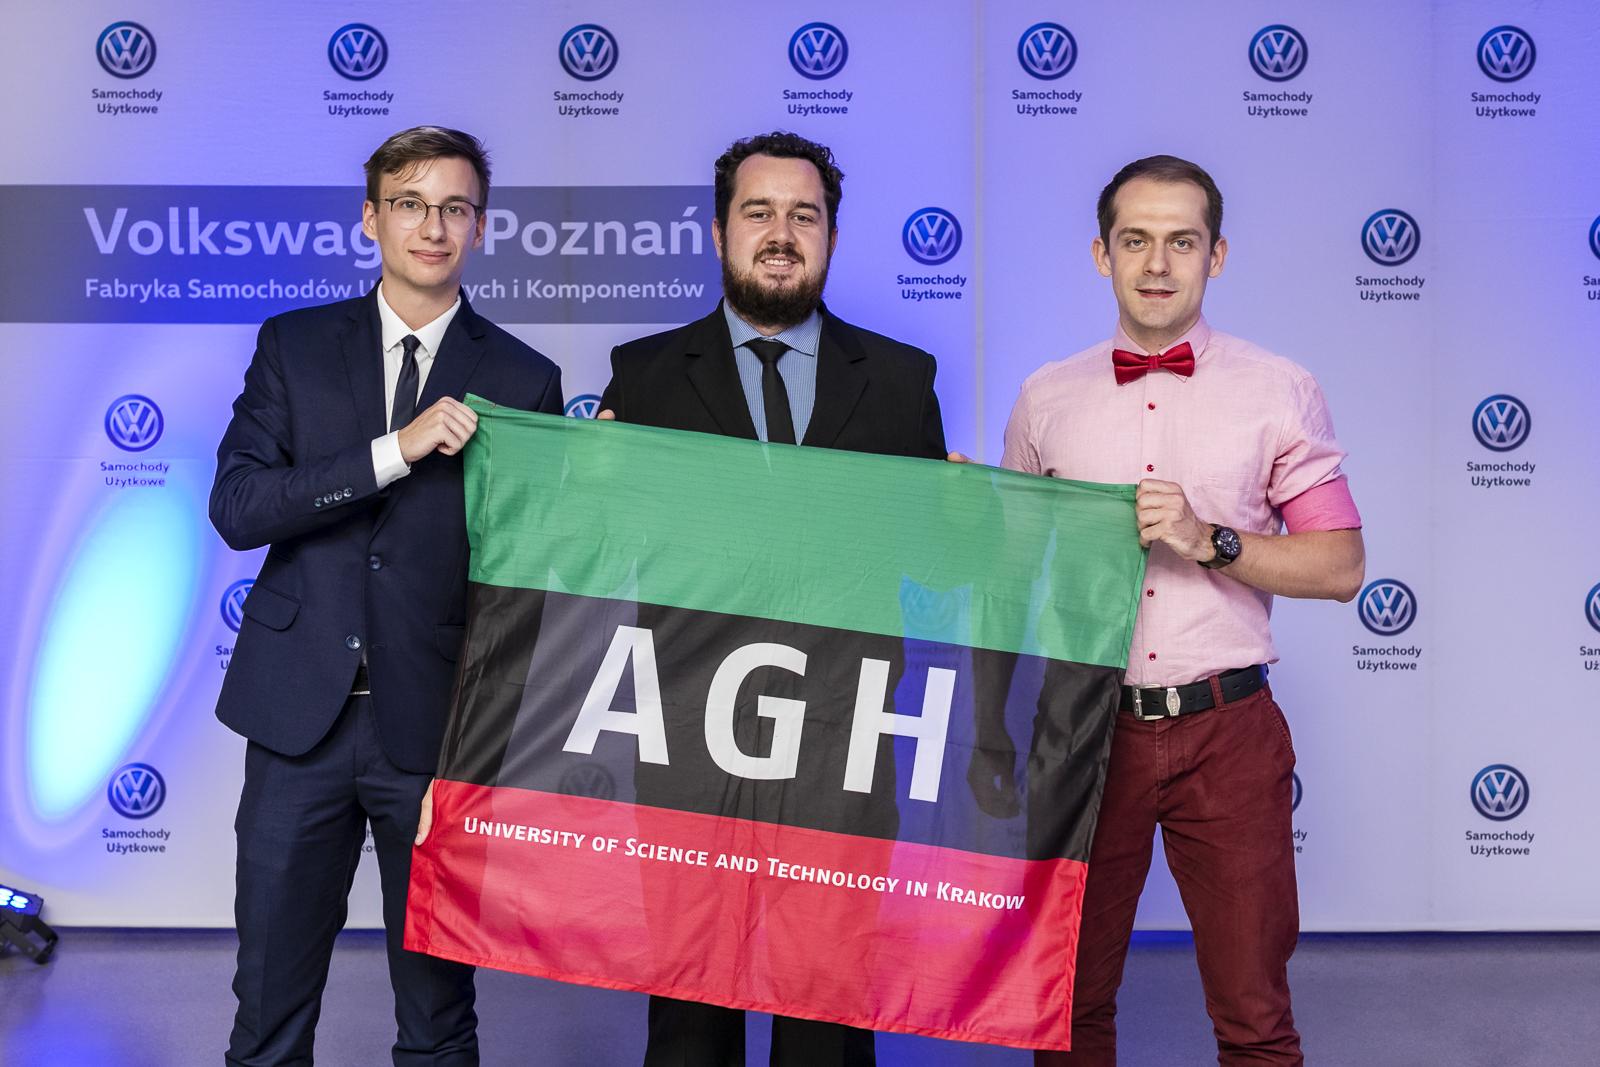 Wyróżnieni przez Volkswagen Poznań studenci krakowskiej AGH. (fot. materiały prasowe/Volkswagen Poznań)